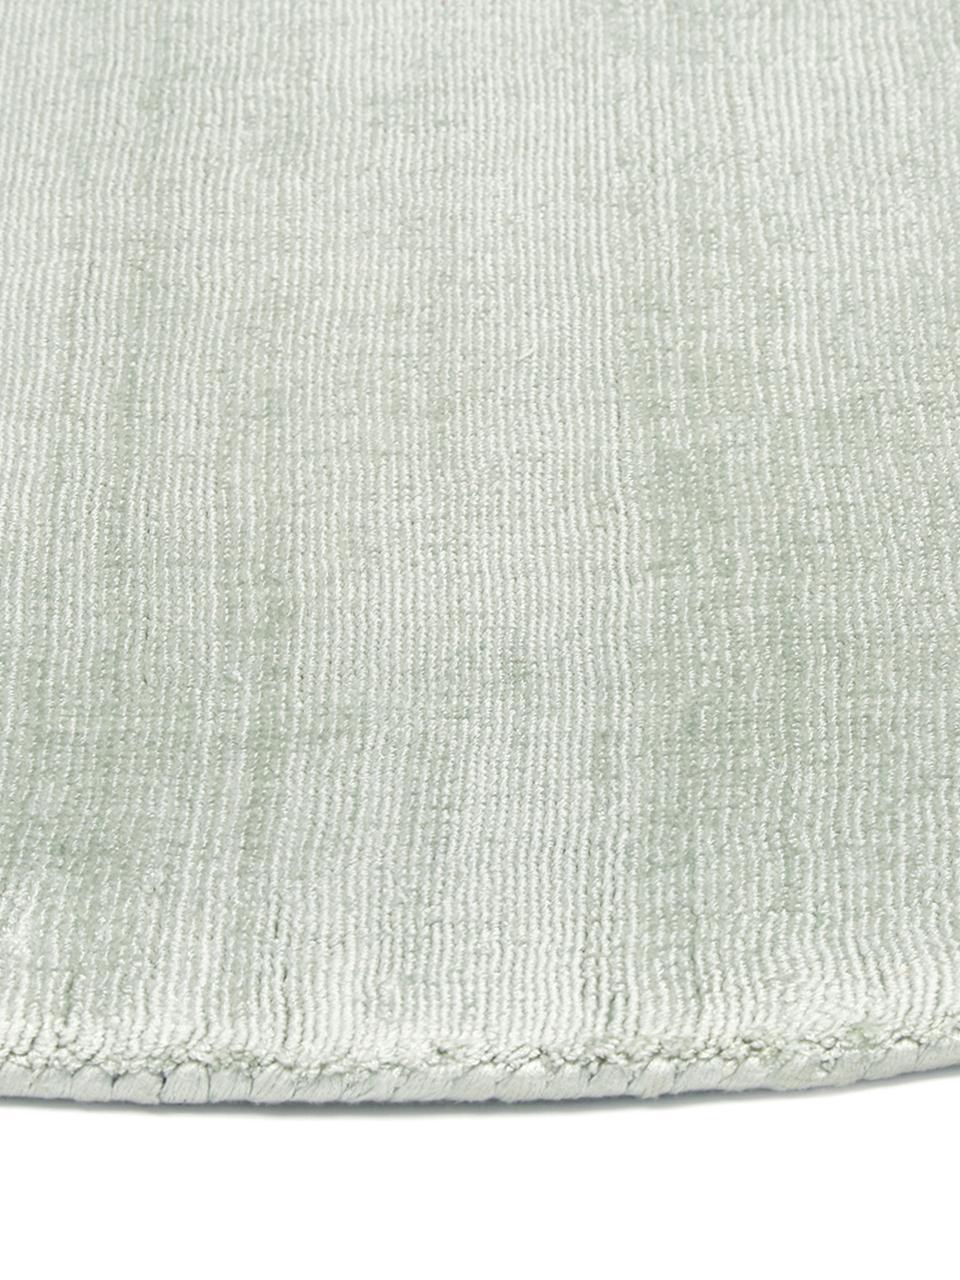 Runder Viskoseteppich Jane in Lindgrün, handgewebt, Flor: 100% Viskose, Lindgrün, Ø 200 cm (Größe L)